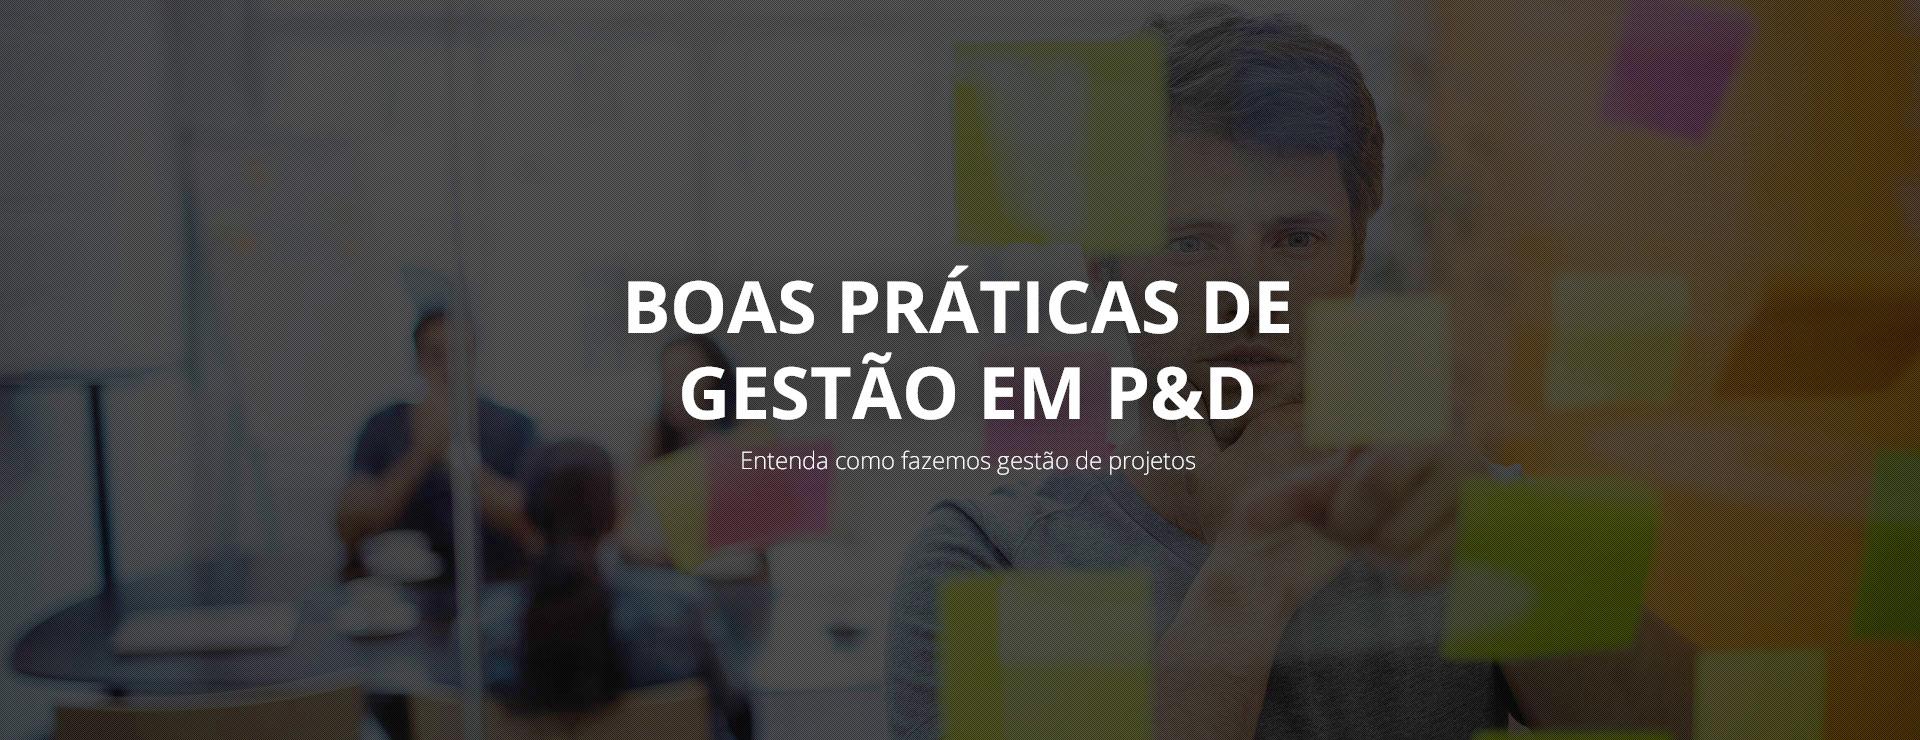 Instituto IPDEC - Boas práticas de Gestão